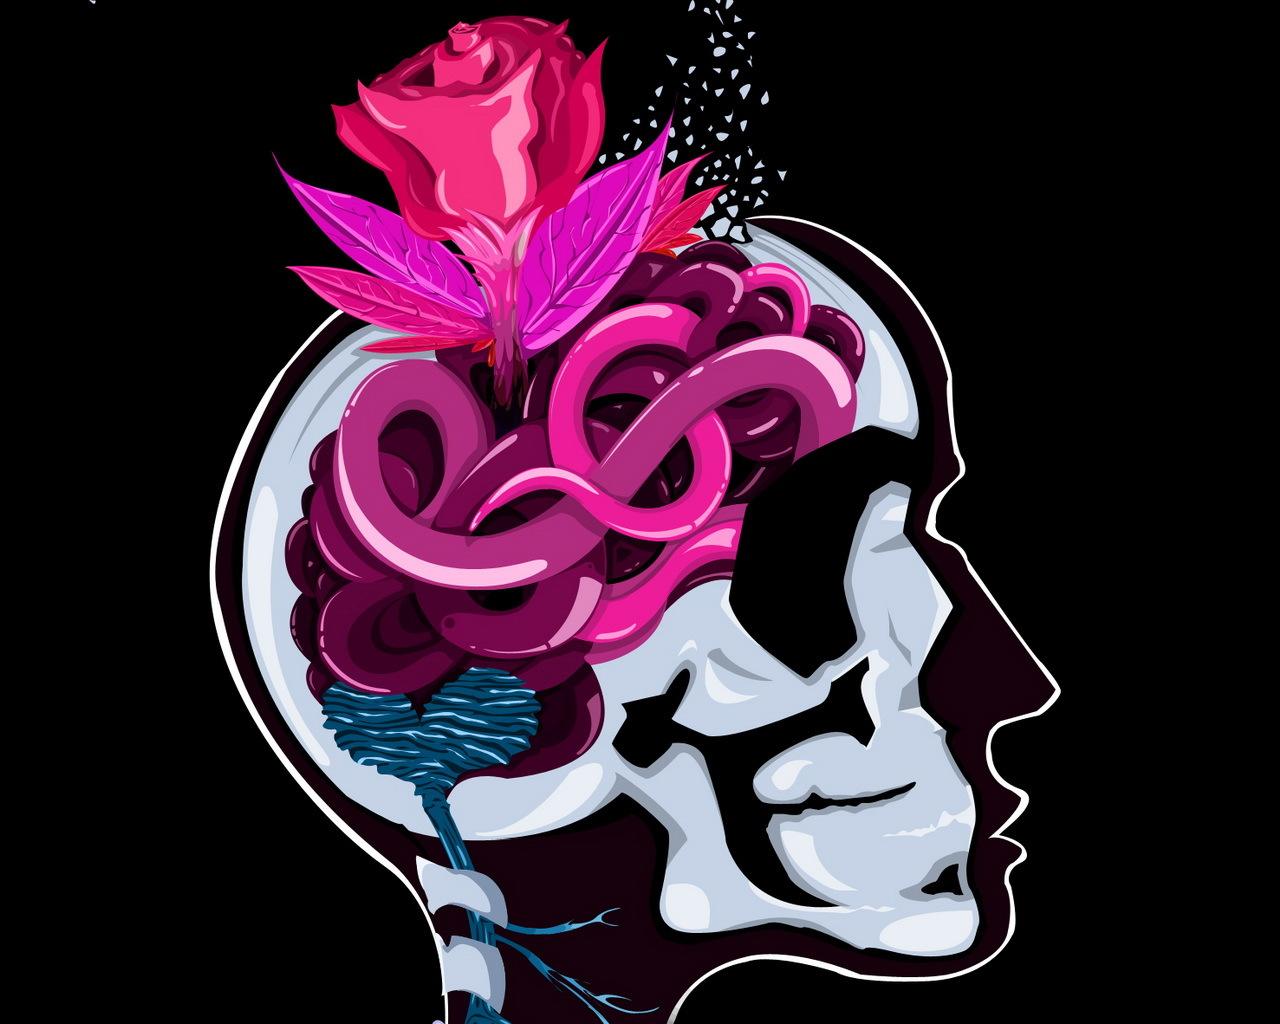 Скачать картинку Абстракция, Цветы, Арт, Розы, Рисунки в телефон бесплатно.